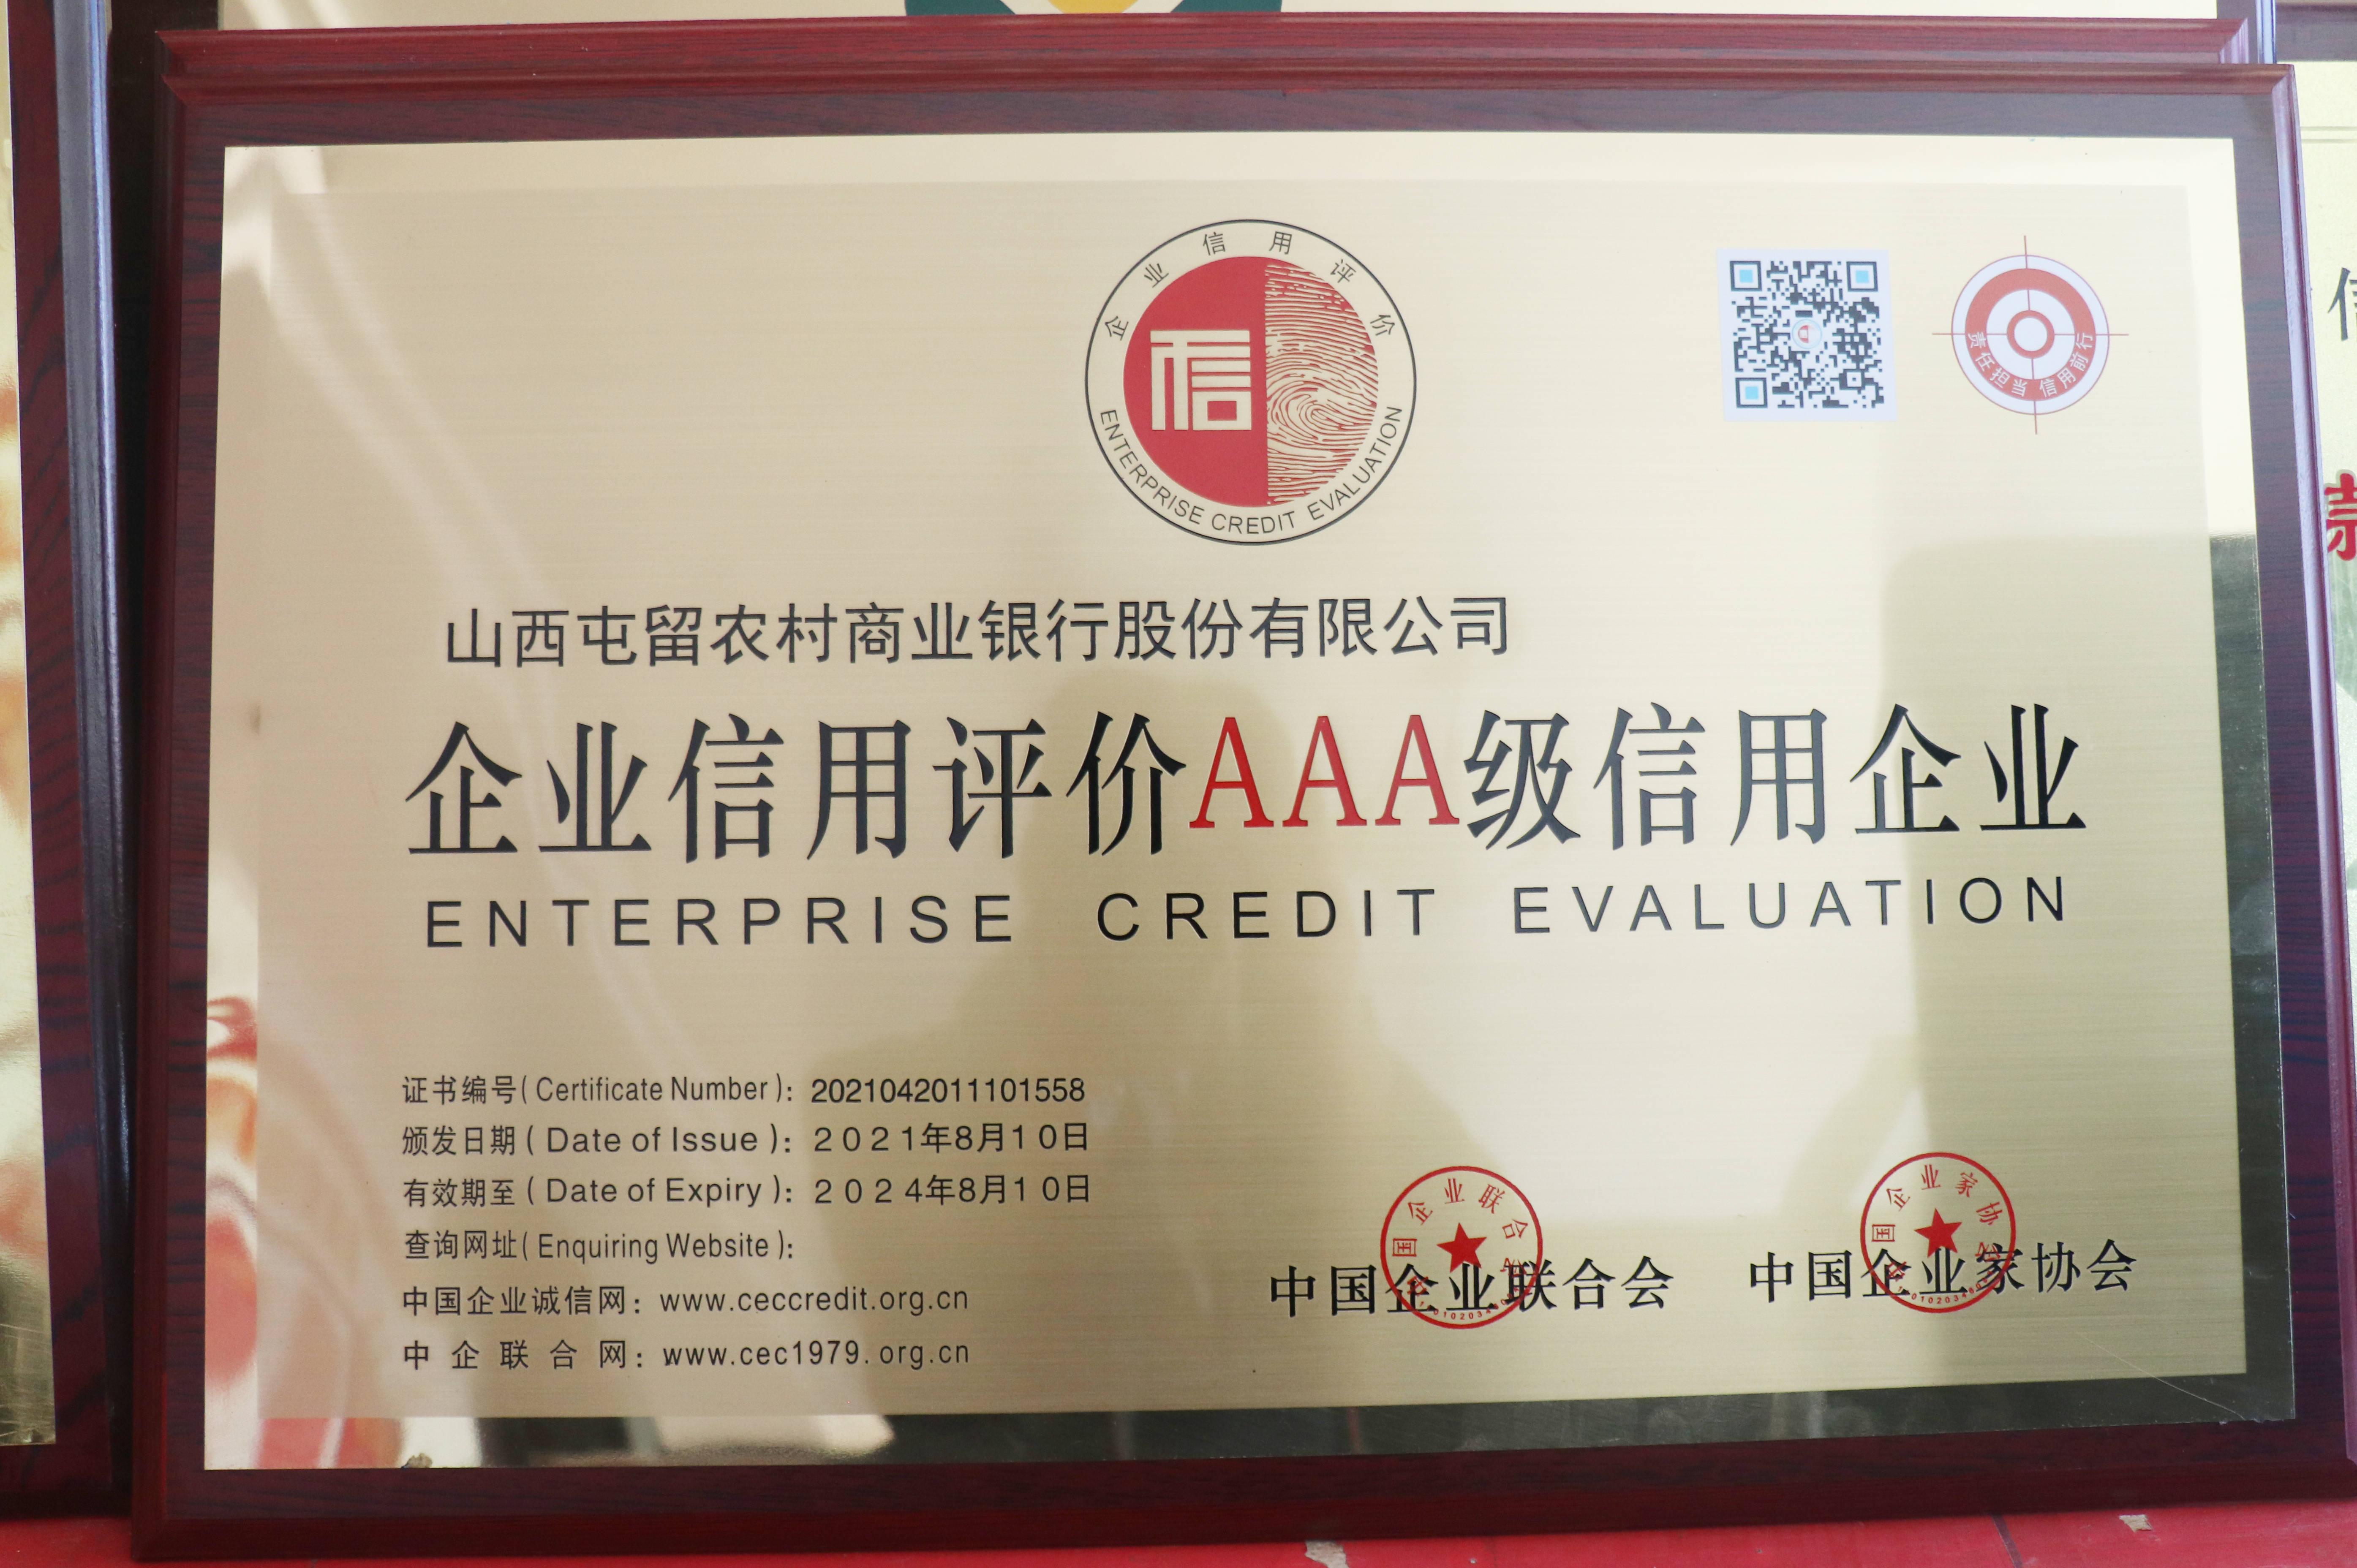 山西屯留农村商业银行股份有限公司获评全国AAA级信用企业